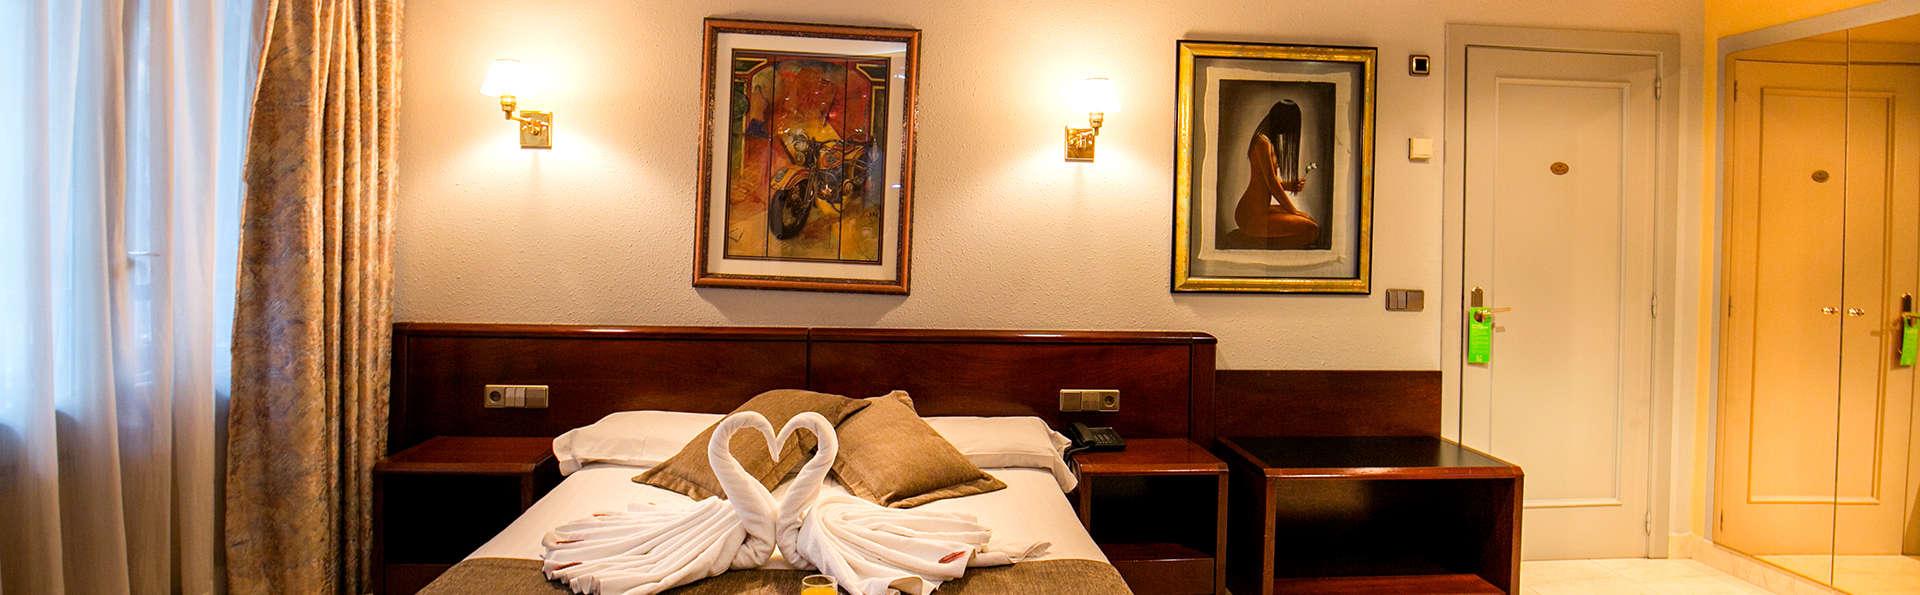 Offre romantique : évasion avec votre partenaire en Andorre avec petit-déjeuner inclus